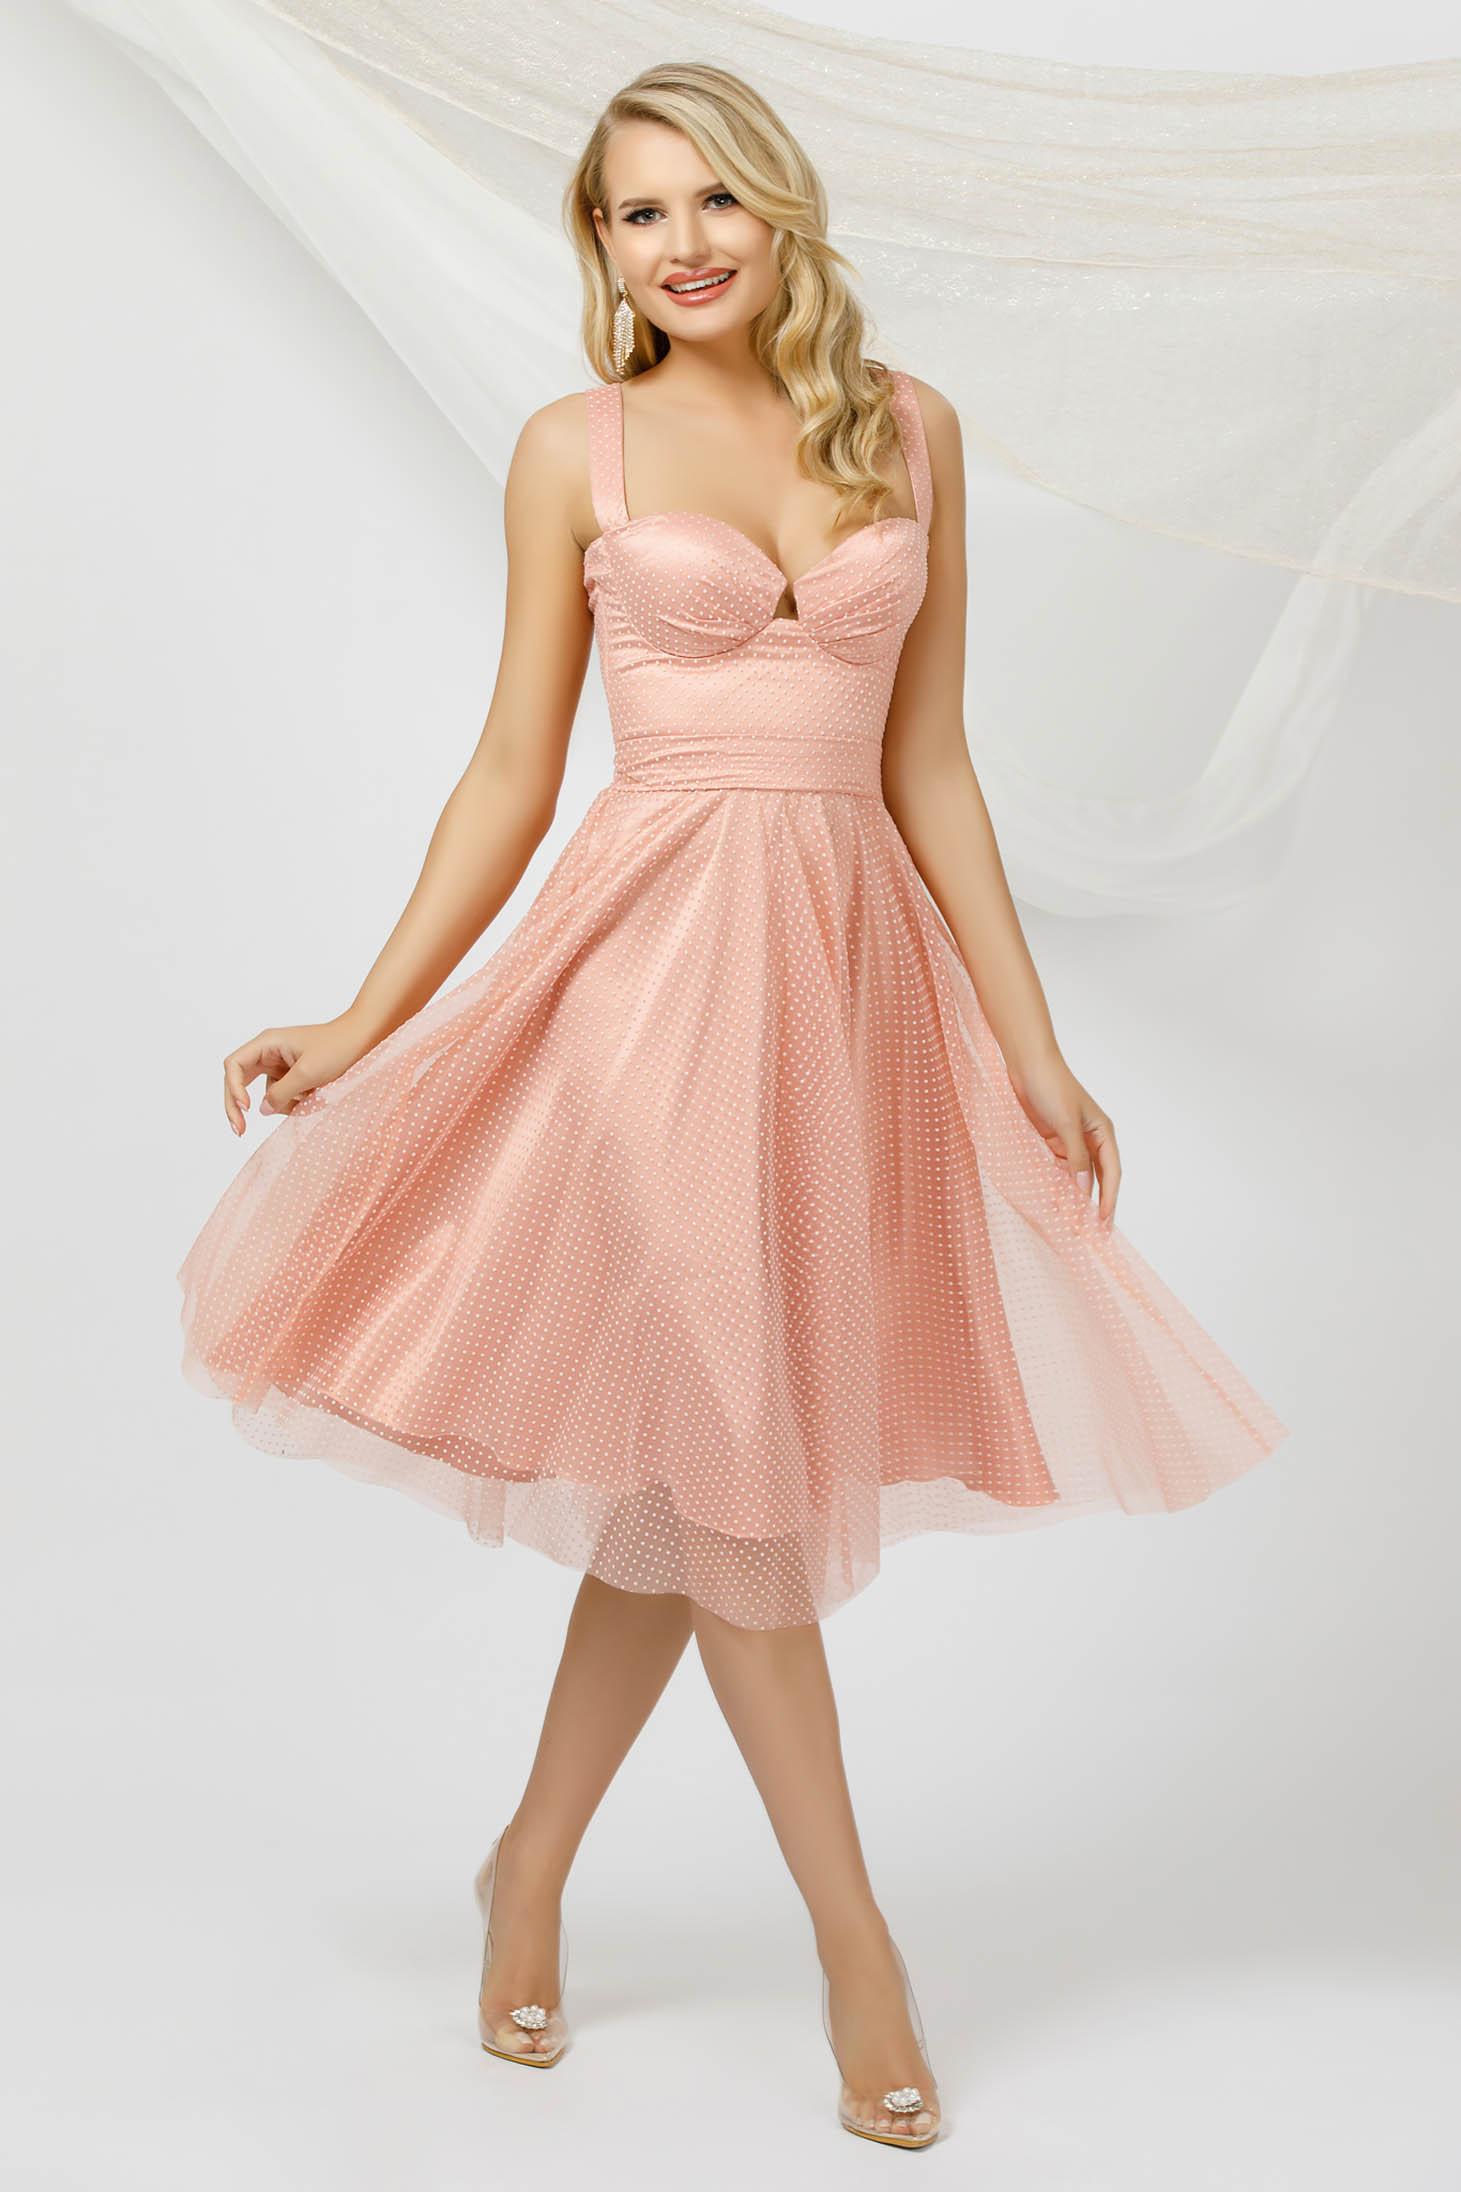 Világos rózsaszínű alkalmi harang midi ruha tüllből pöttyös eltávolítható övvel szivacsos mellrésszel